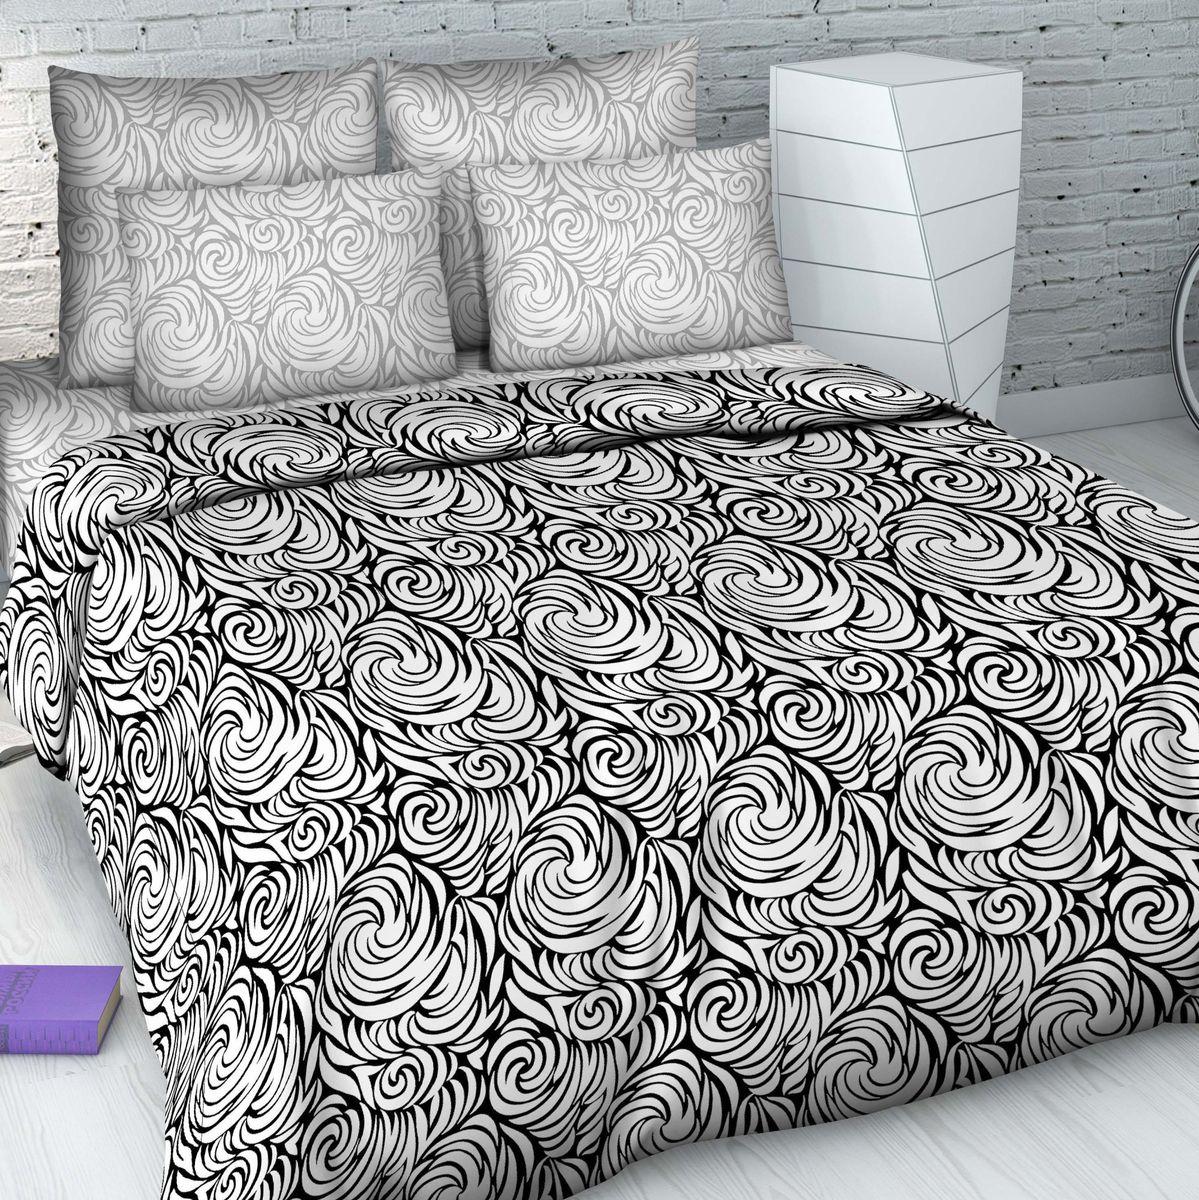 Комплект белья Василиса Стильный дуэт, 2-спальный, наволочки 70х7050п-1MRКомплект постельного белья Василиса Стильный дуэт состоит из пододеяльника, простыни и двух наволочек. Белье изготовлено из бязи (100% хлопка) - гипоаллергенного, экологичного, высококачественного, крупнозакрученного волокна, благодаря чему эта ткань мягкая, нежная на ощупь и очень прочная, не образует катышков на поверхности. При соблюдении рекомендаций по уходу, это белье выдерживает много стирок (более 70), не линяет и не теряет свою первоначальную прочность. Уникальная ткань обеспечивает легкую глажку.Приобретая комплект постельного белья Василиса Стильный дуэт, вы можете быть уверенны в том, что покупка доставит вам удовольствие и подарит максимальный комфорт.